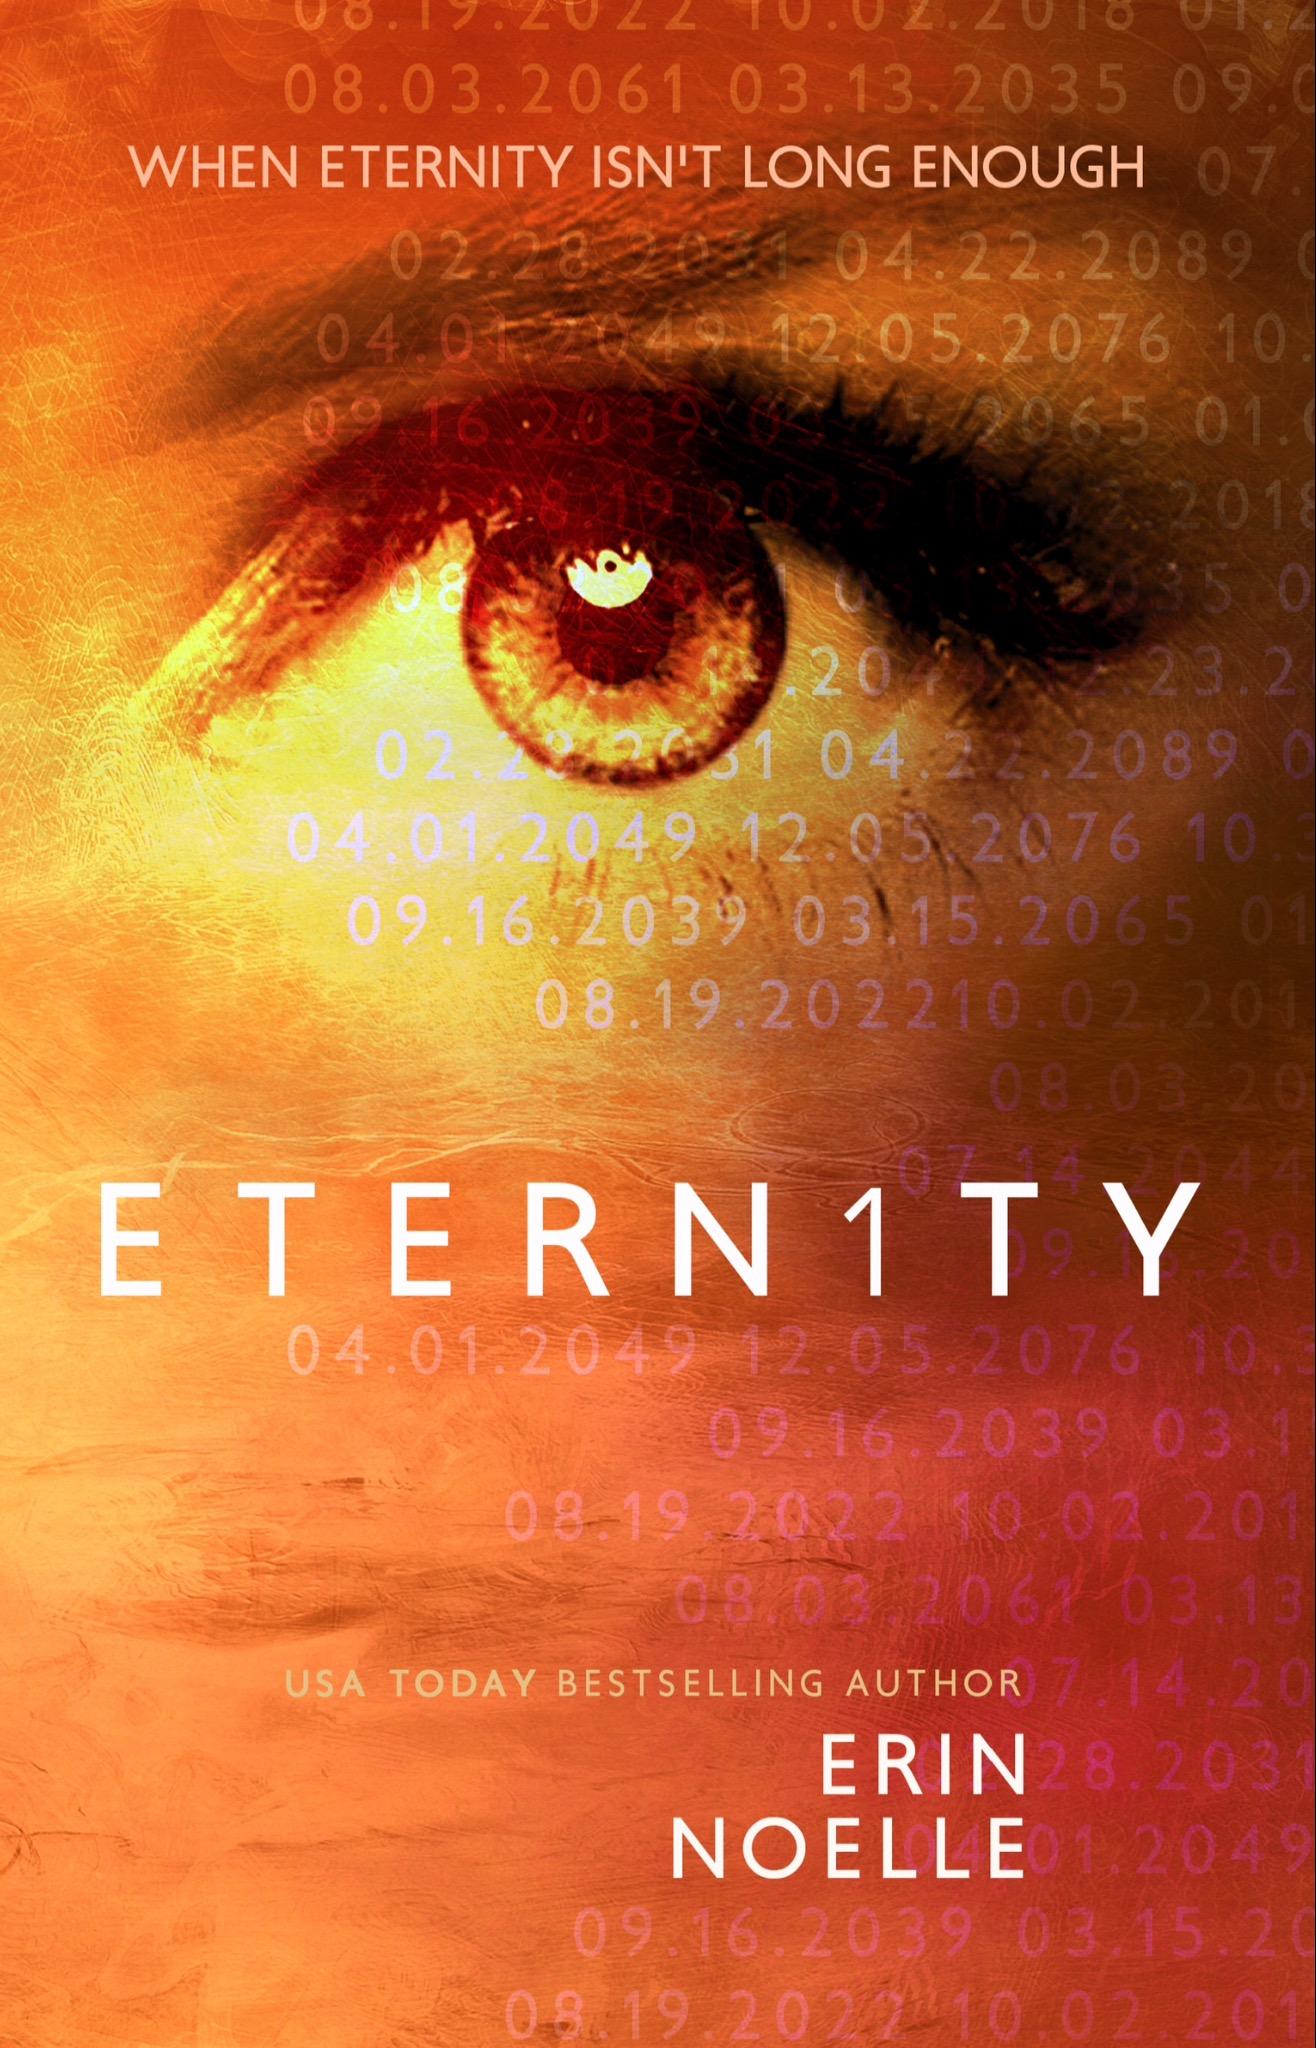 Etern1ty by Erin Noelle